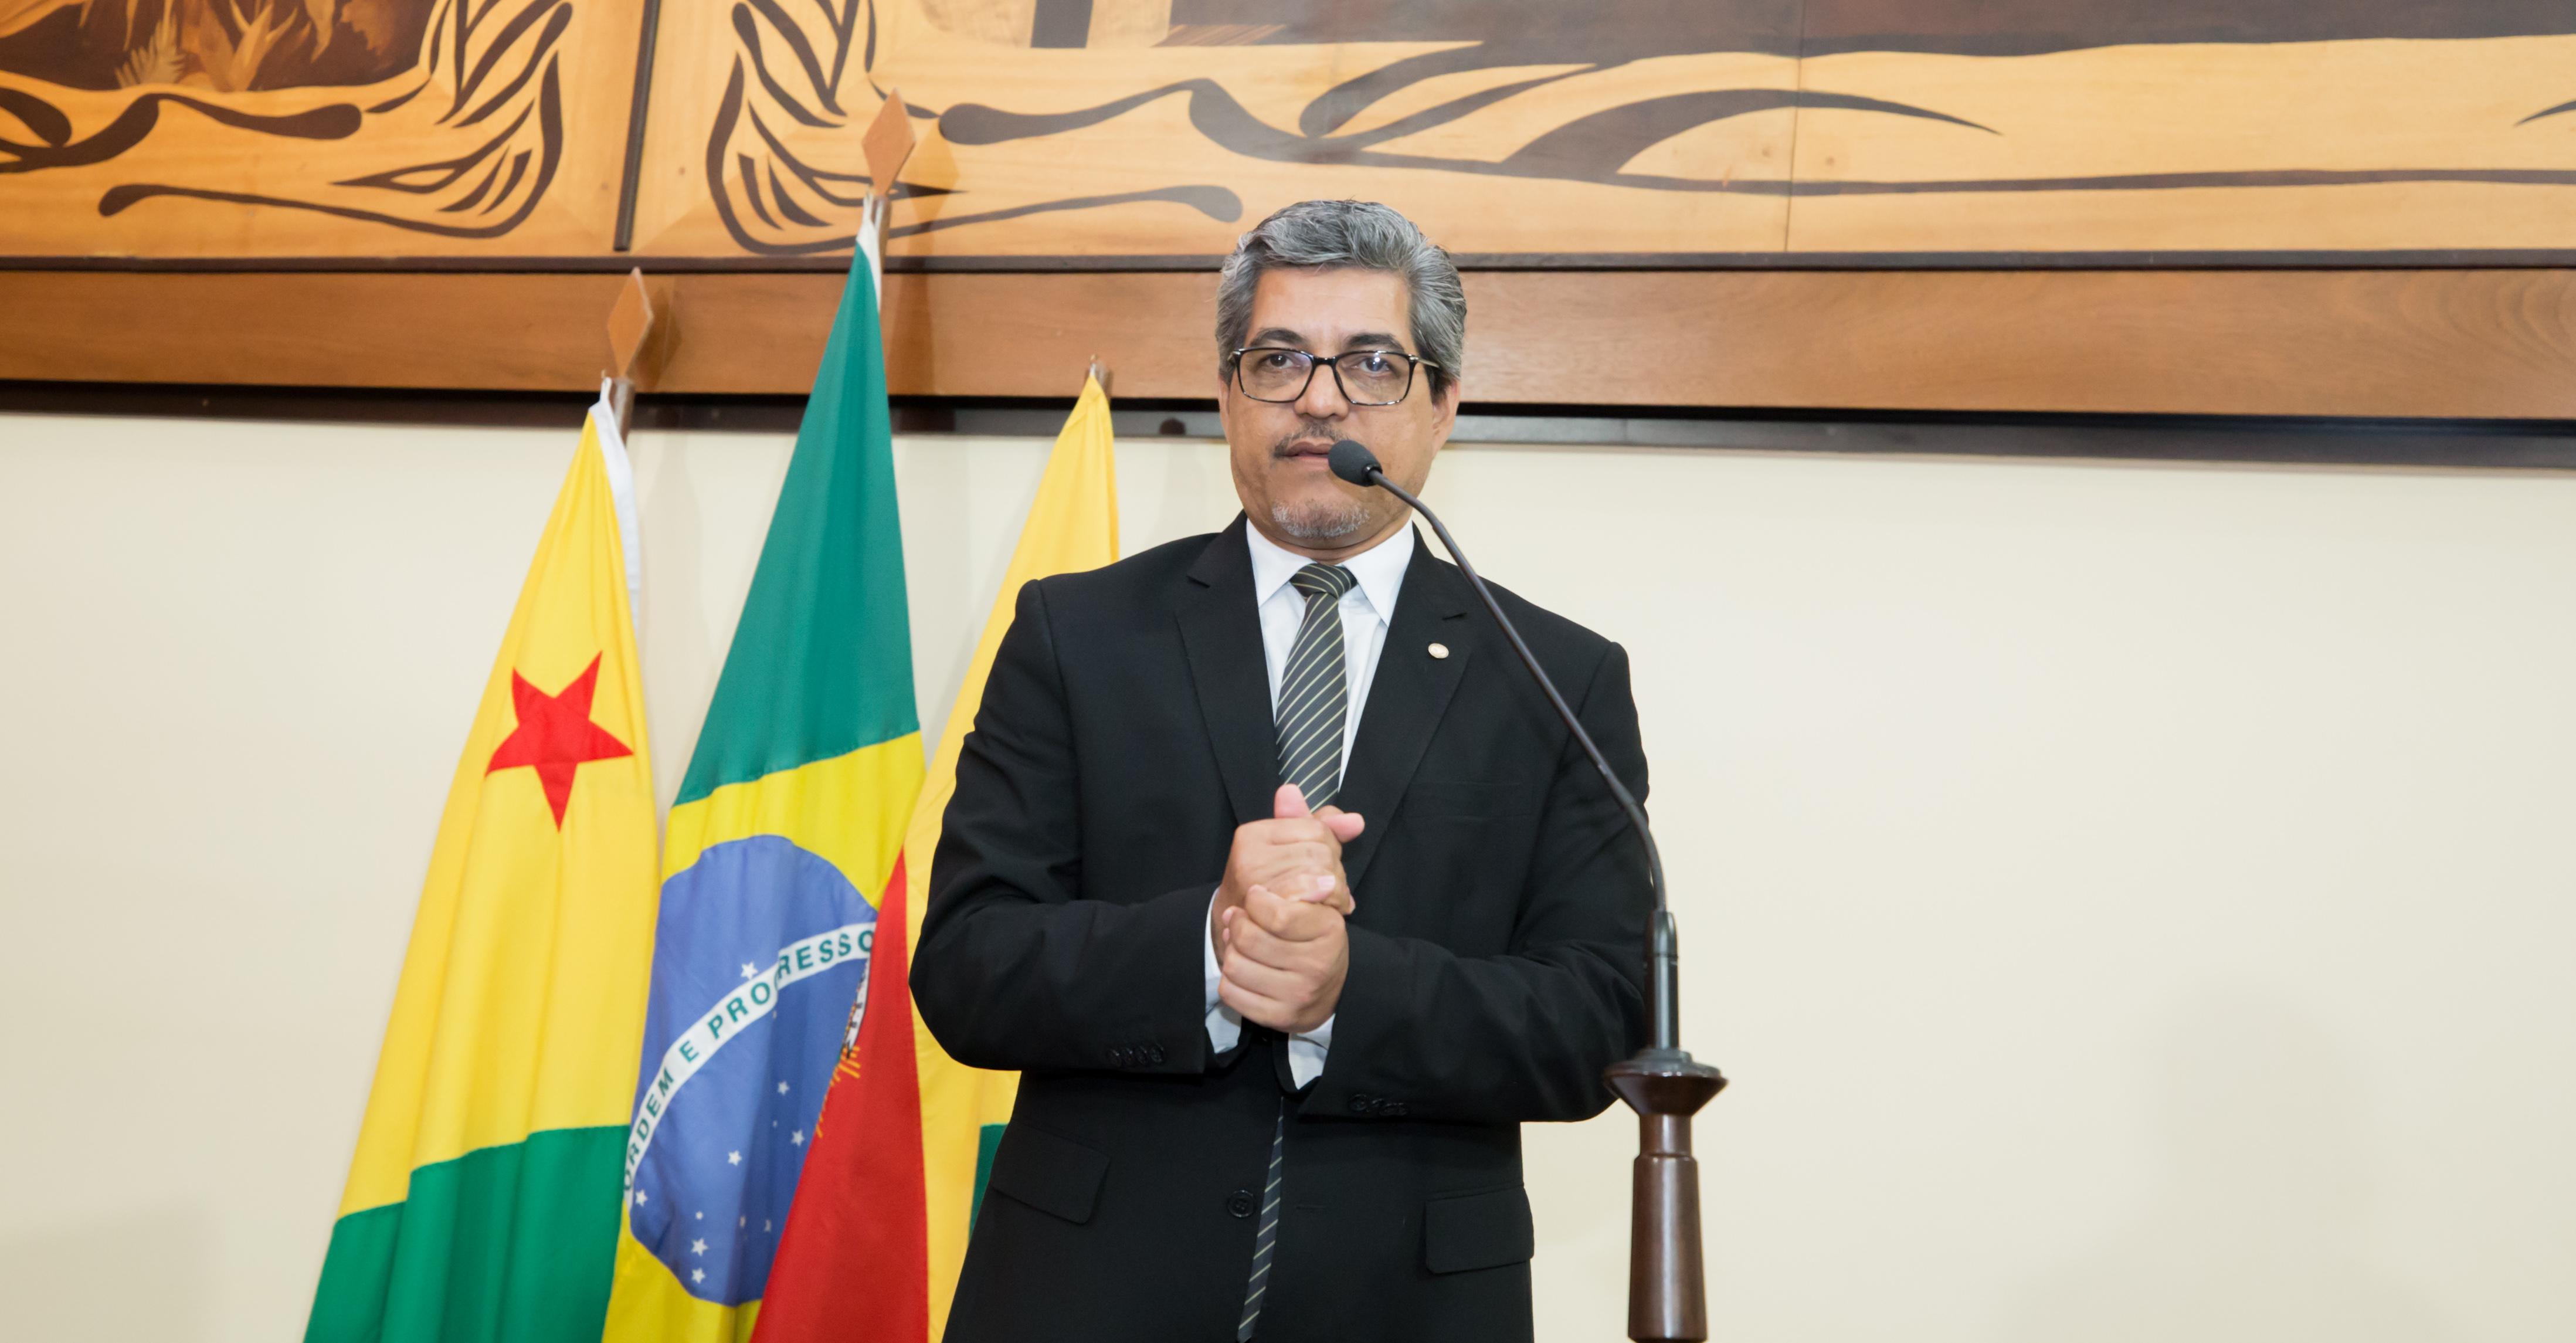 Deputado Edvaldo Magalhães parabeniza prefeitura de Cruzeiro do Sul por organização na vacinação contra a Covid-19